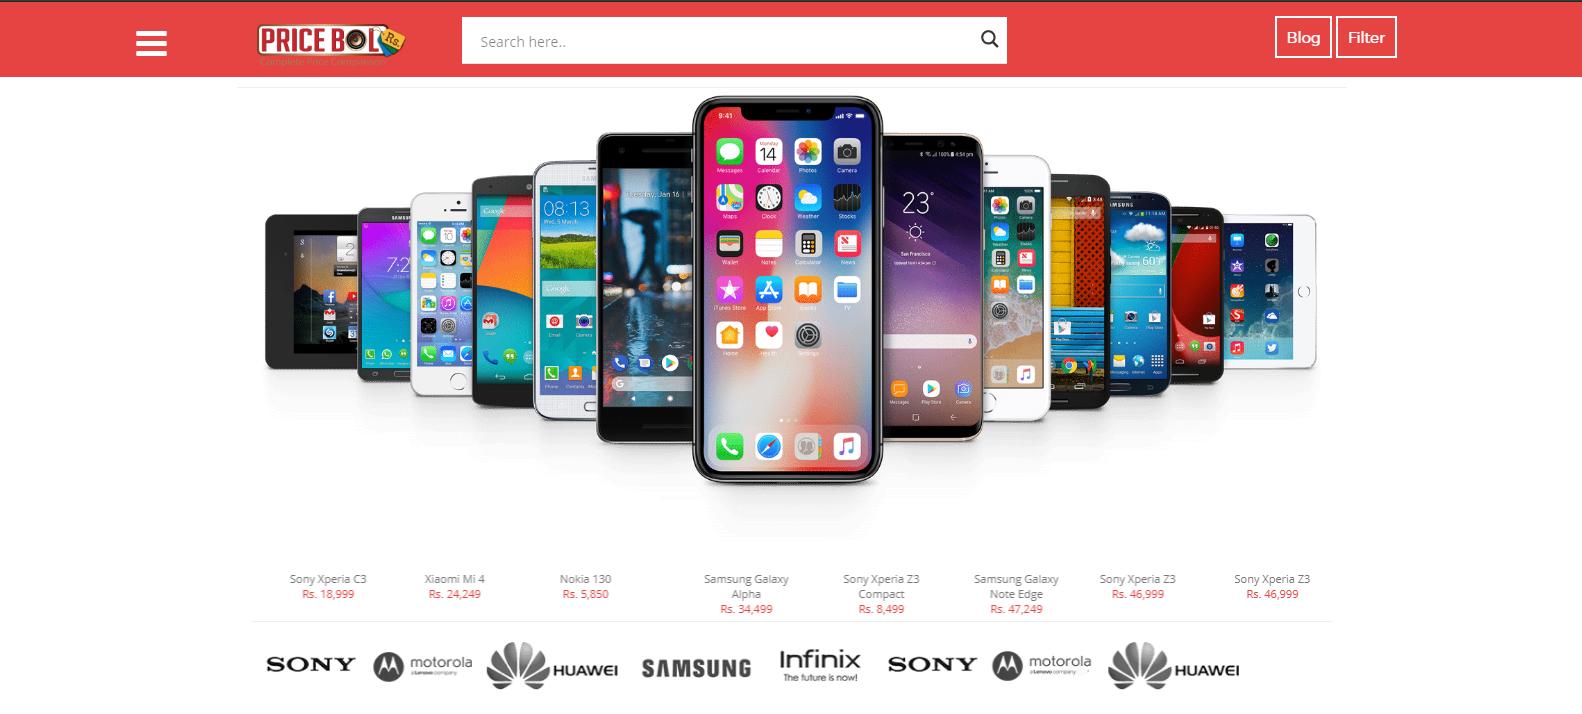 pricebol price comparison website